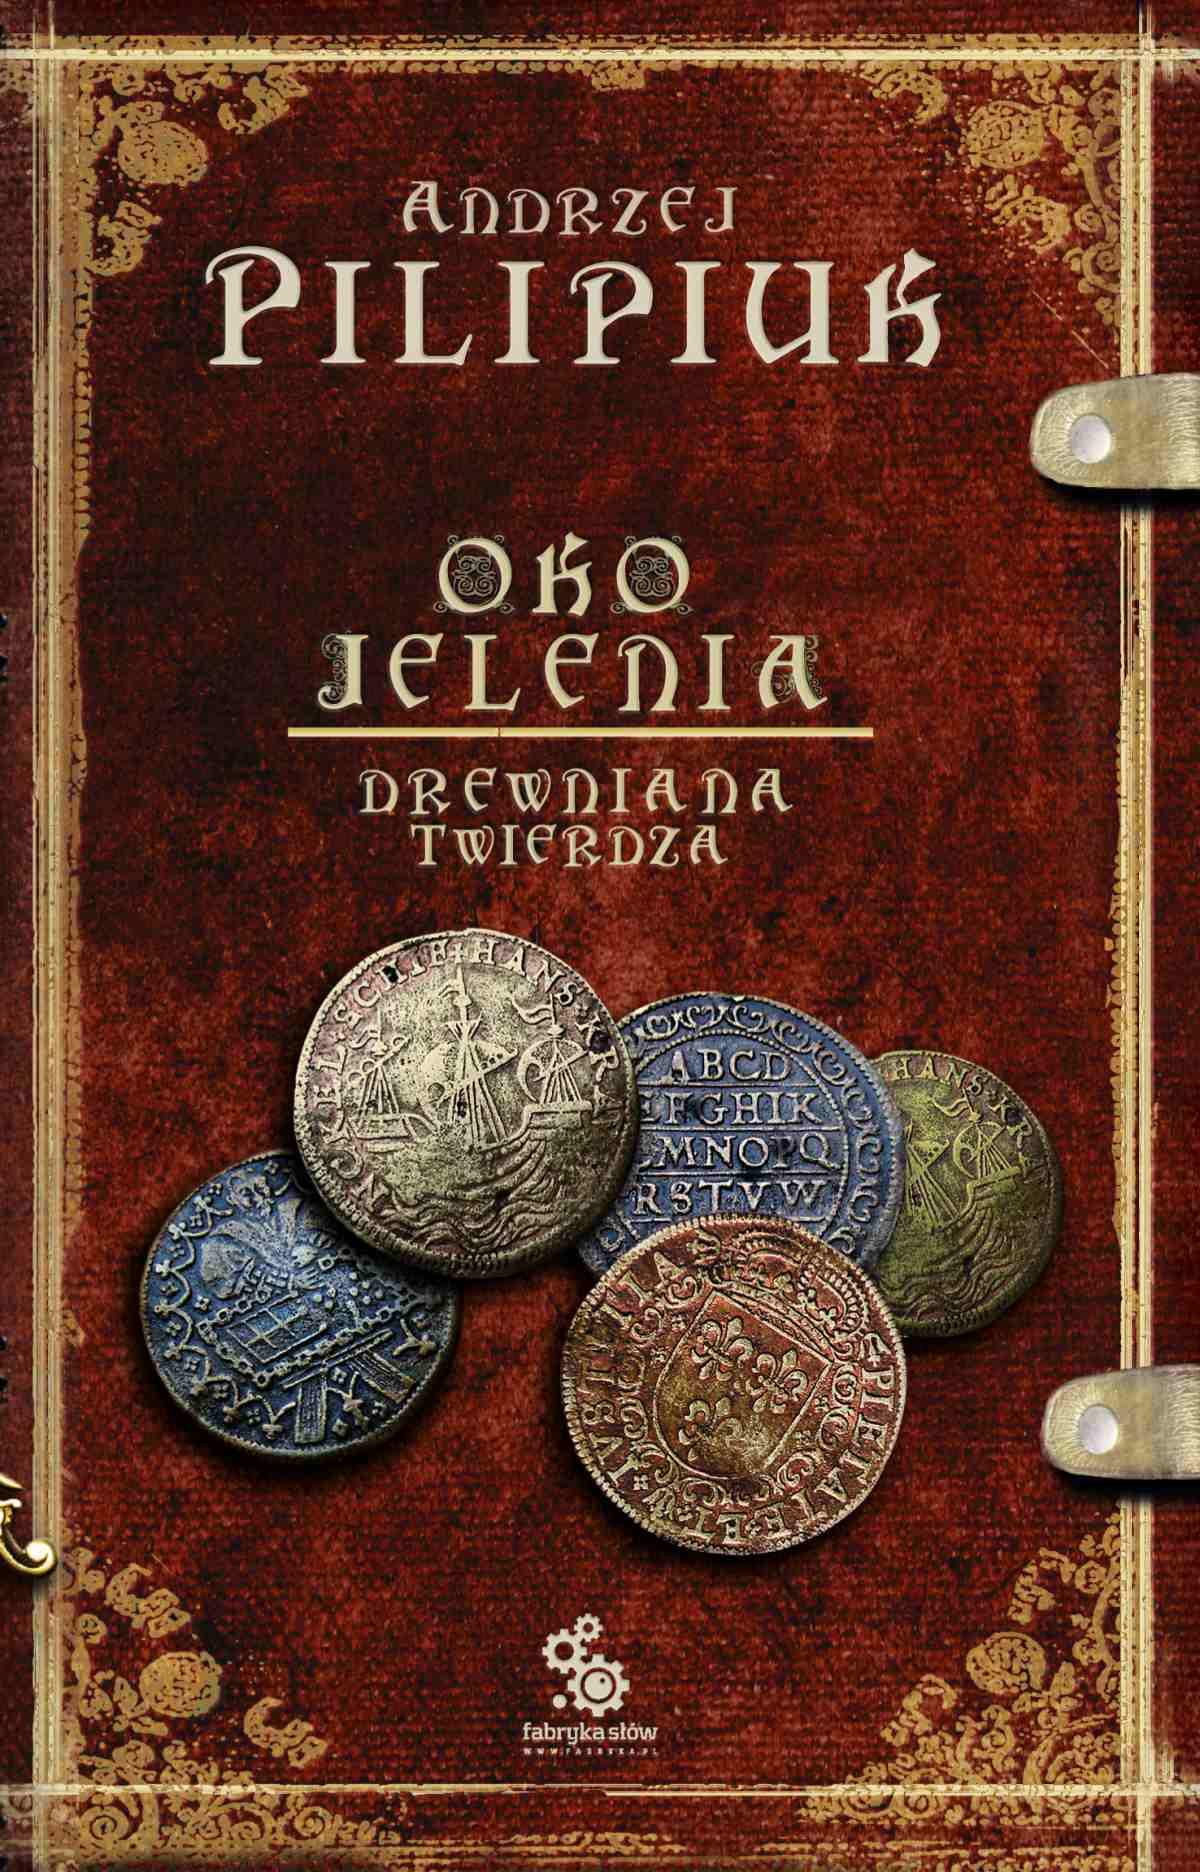 Oko Jelenia. Drewniana Twierdza - Ebook (Książka EPUB) do pobrania w formacie EPUB